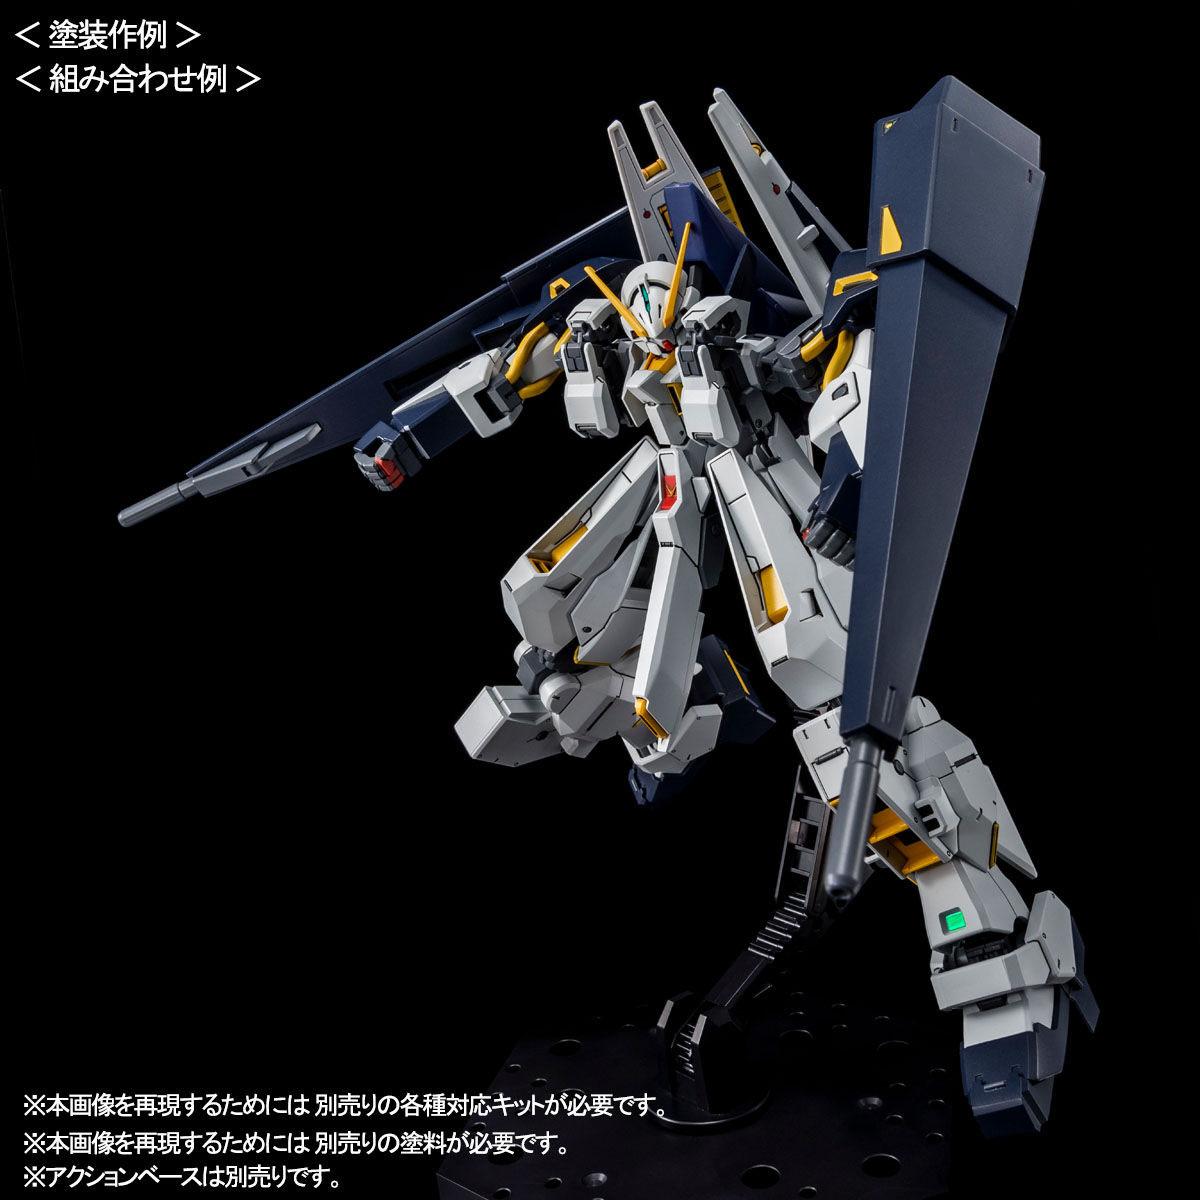 HG 1/144『ガンダムTR-1[ヘイズル改]&ガンダムTR-6用拡張パーツ』プラモデル-009